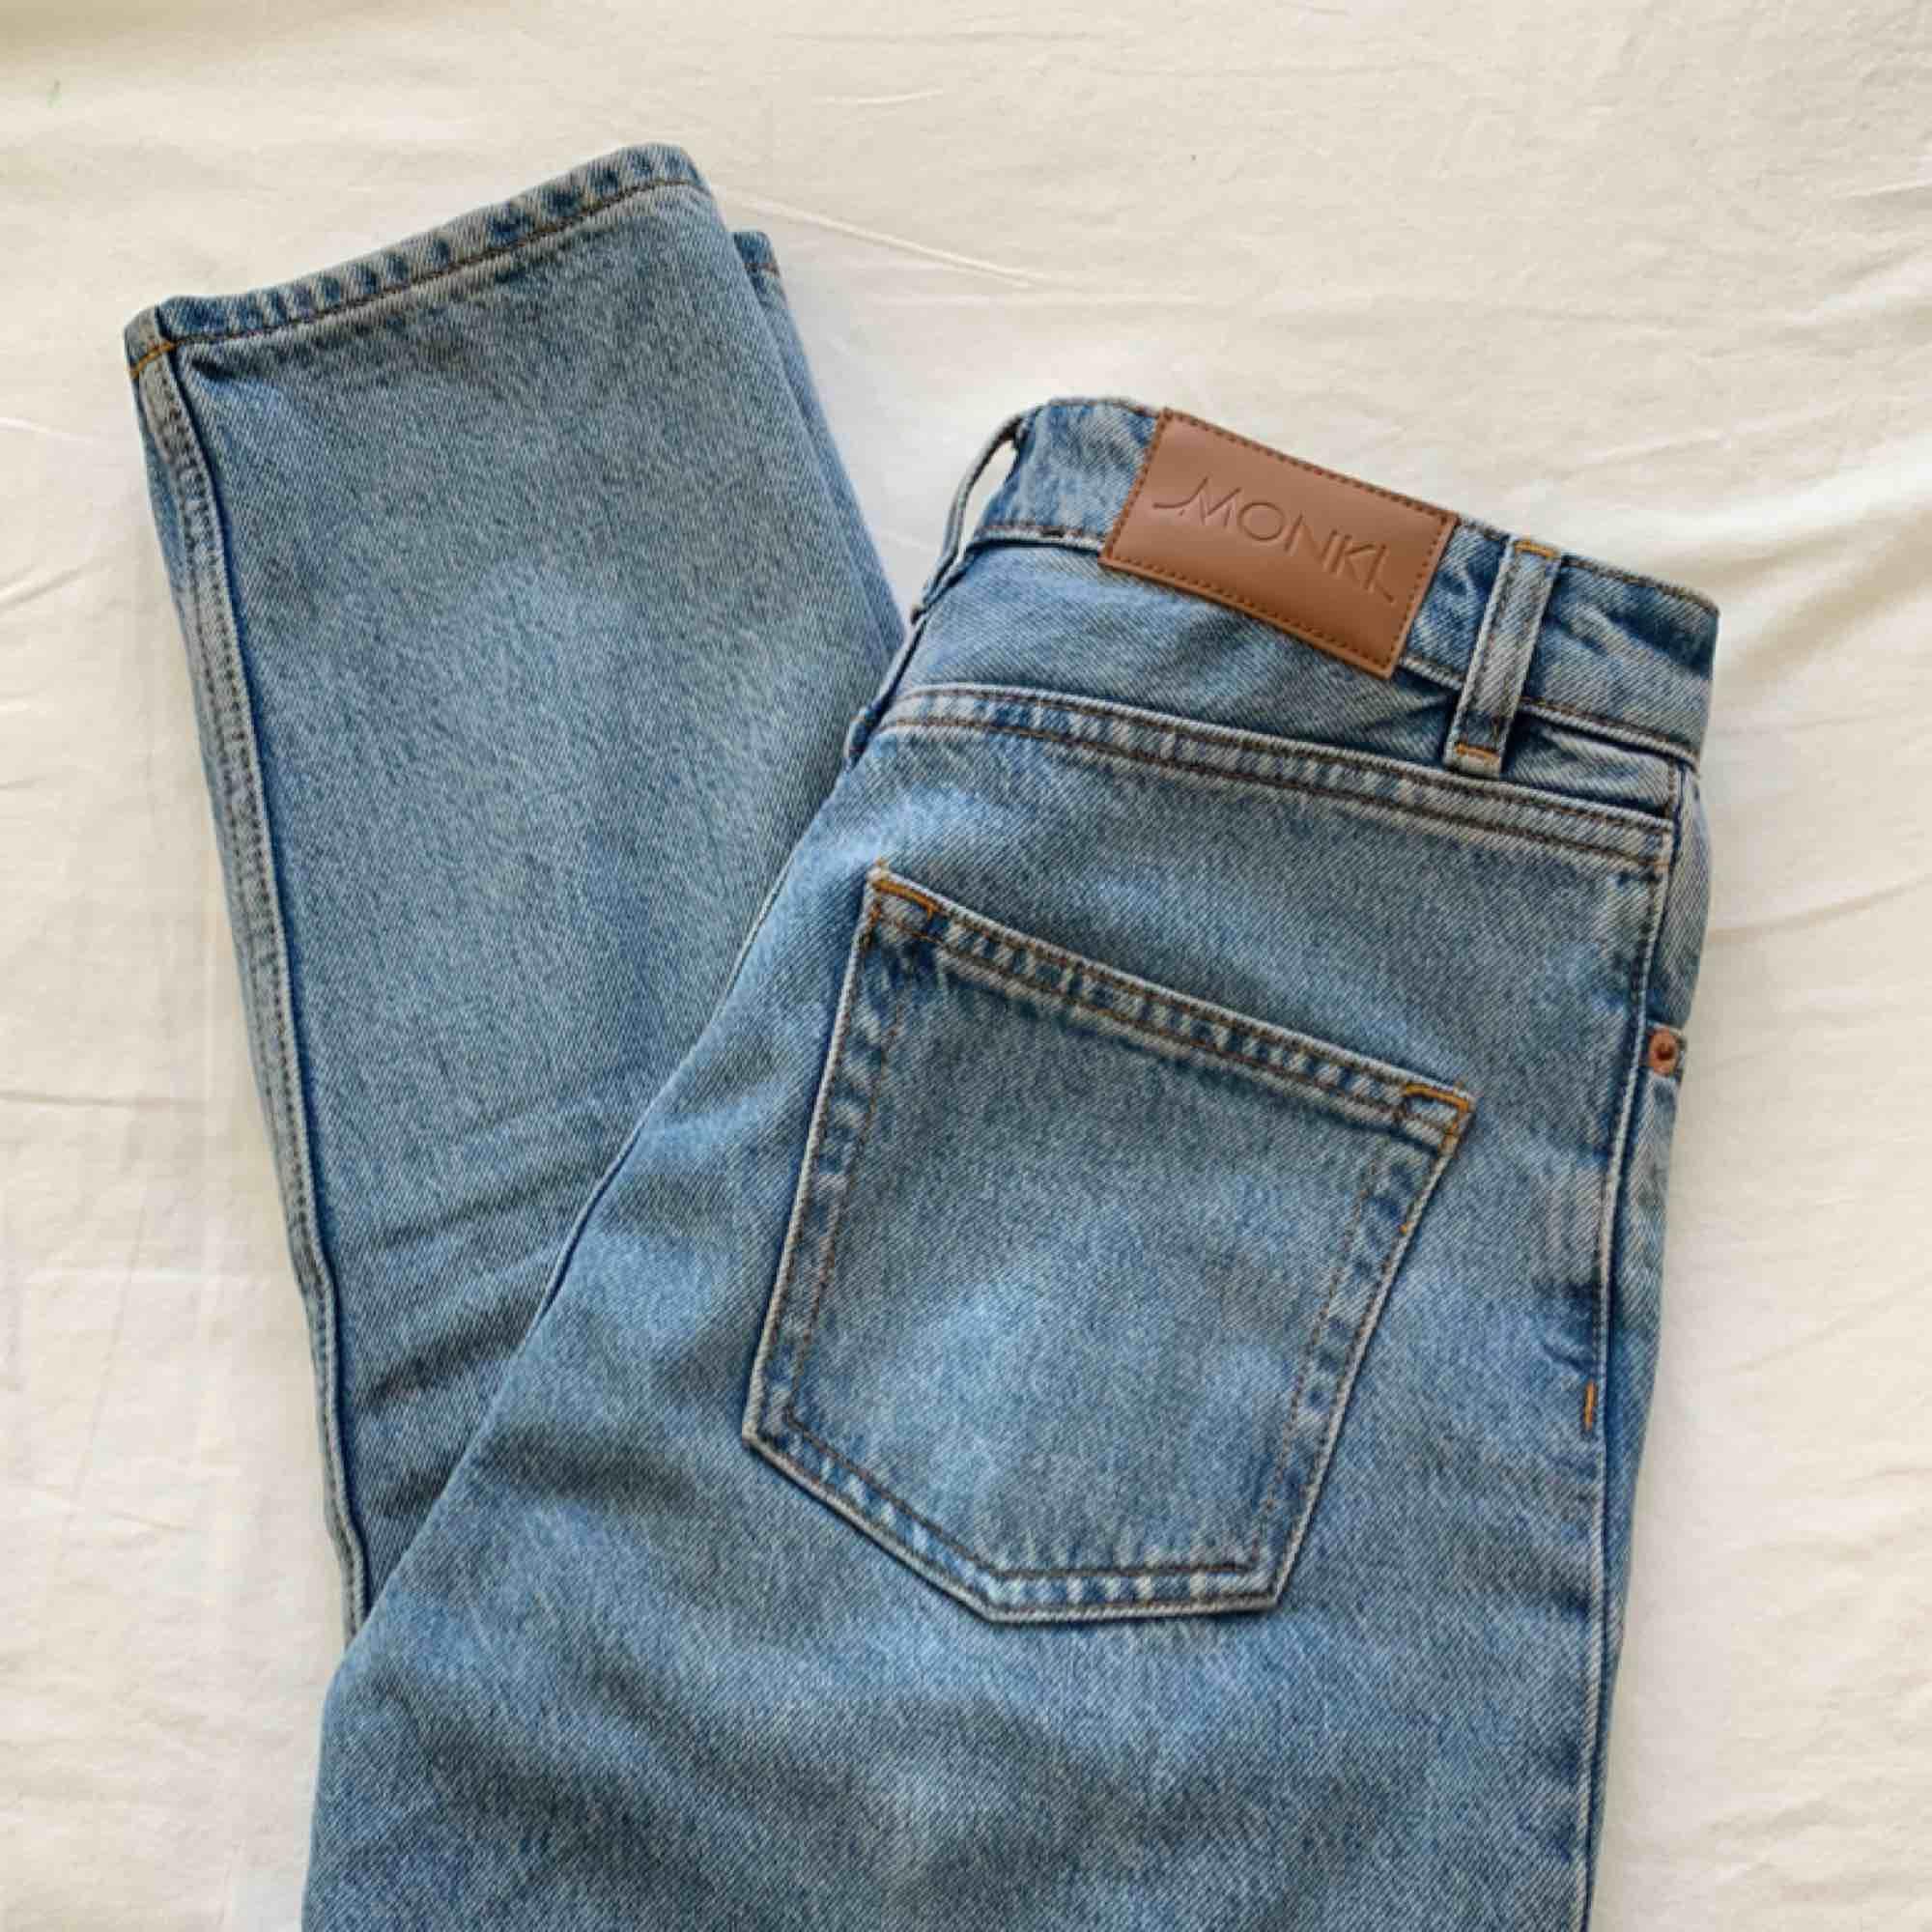 Ljusblå jeans från Monki i modellen Kimono. Knappt använda och bra skick. Sitter bra i längden på någon runt 160 cm. Frakten ingår i priset! Kontakta mig om ni vill ha fler bilder eller mer info!. Jeans & Byxor.